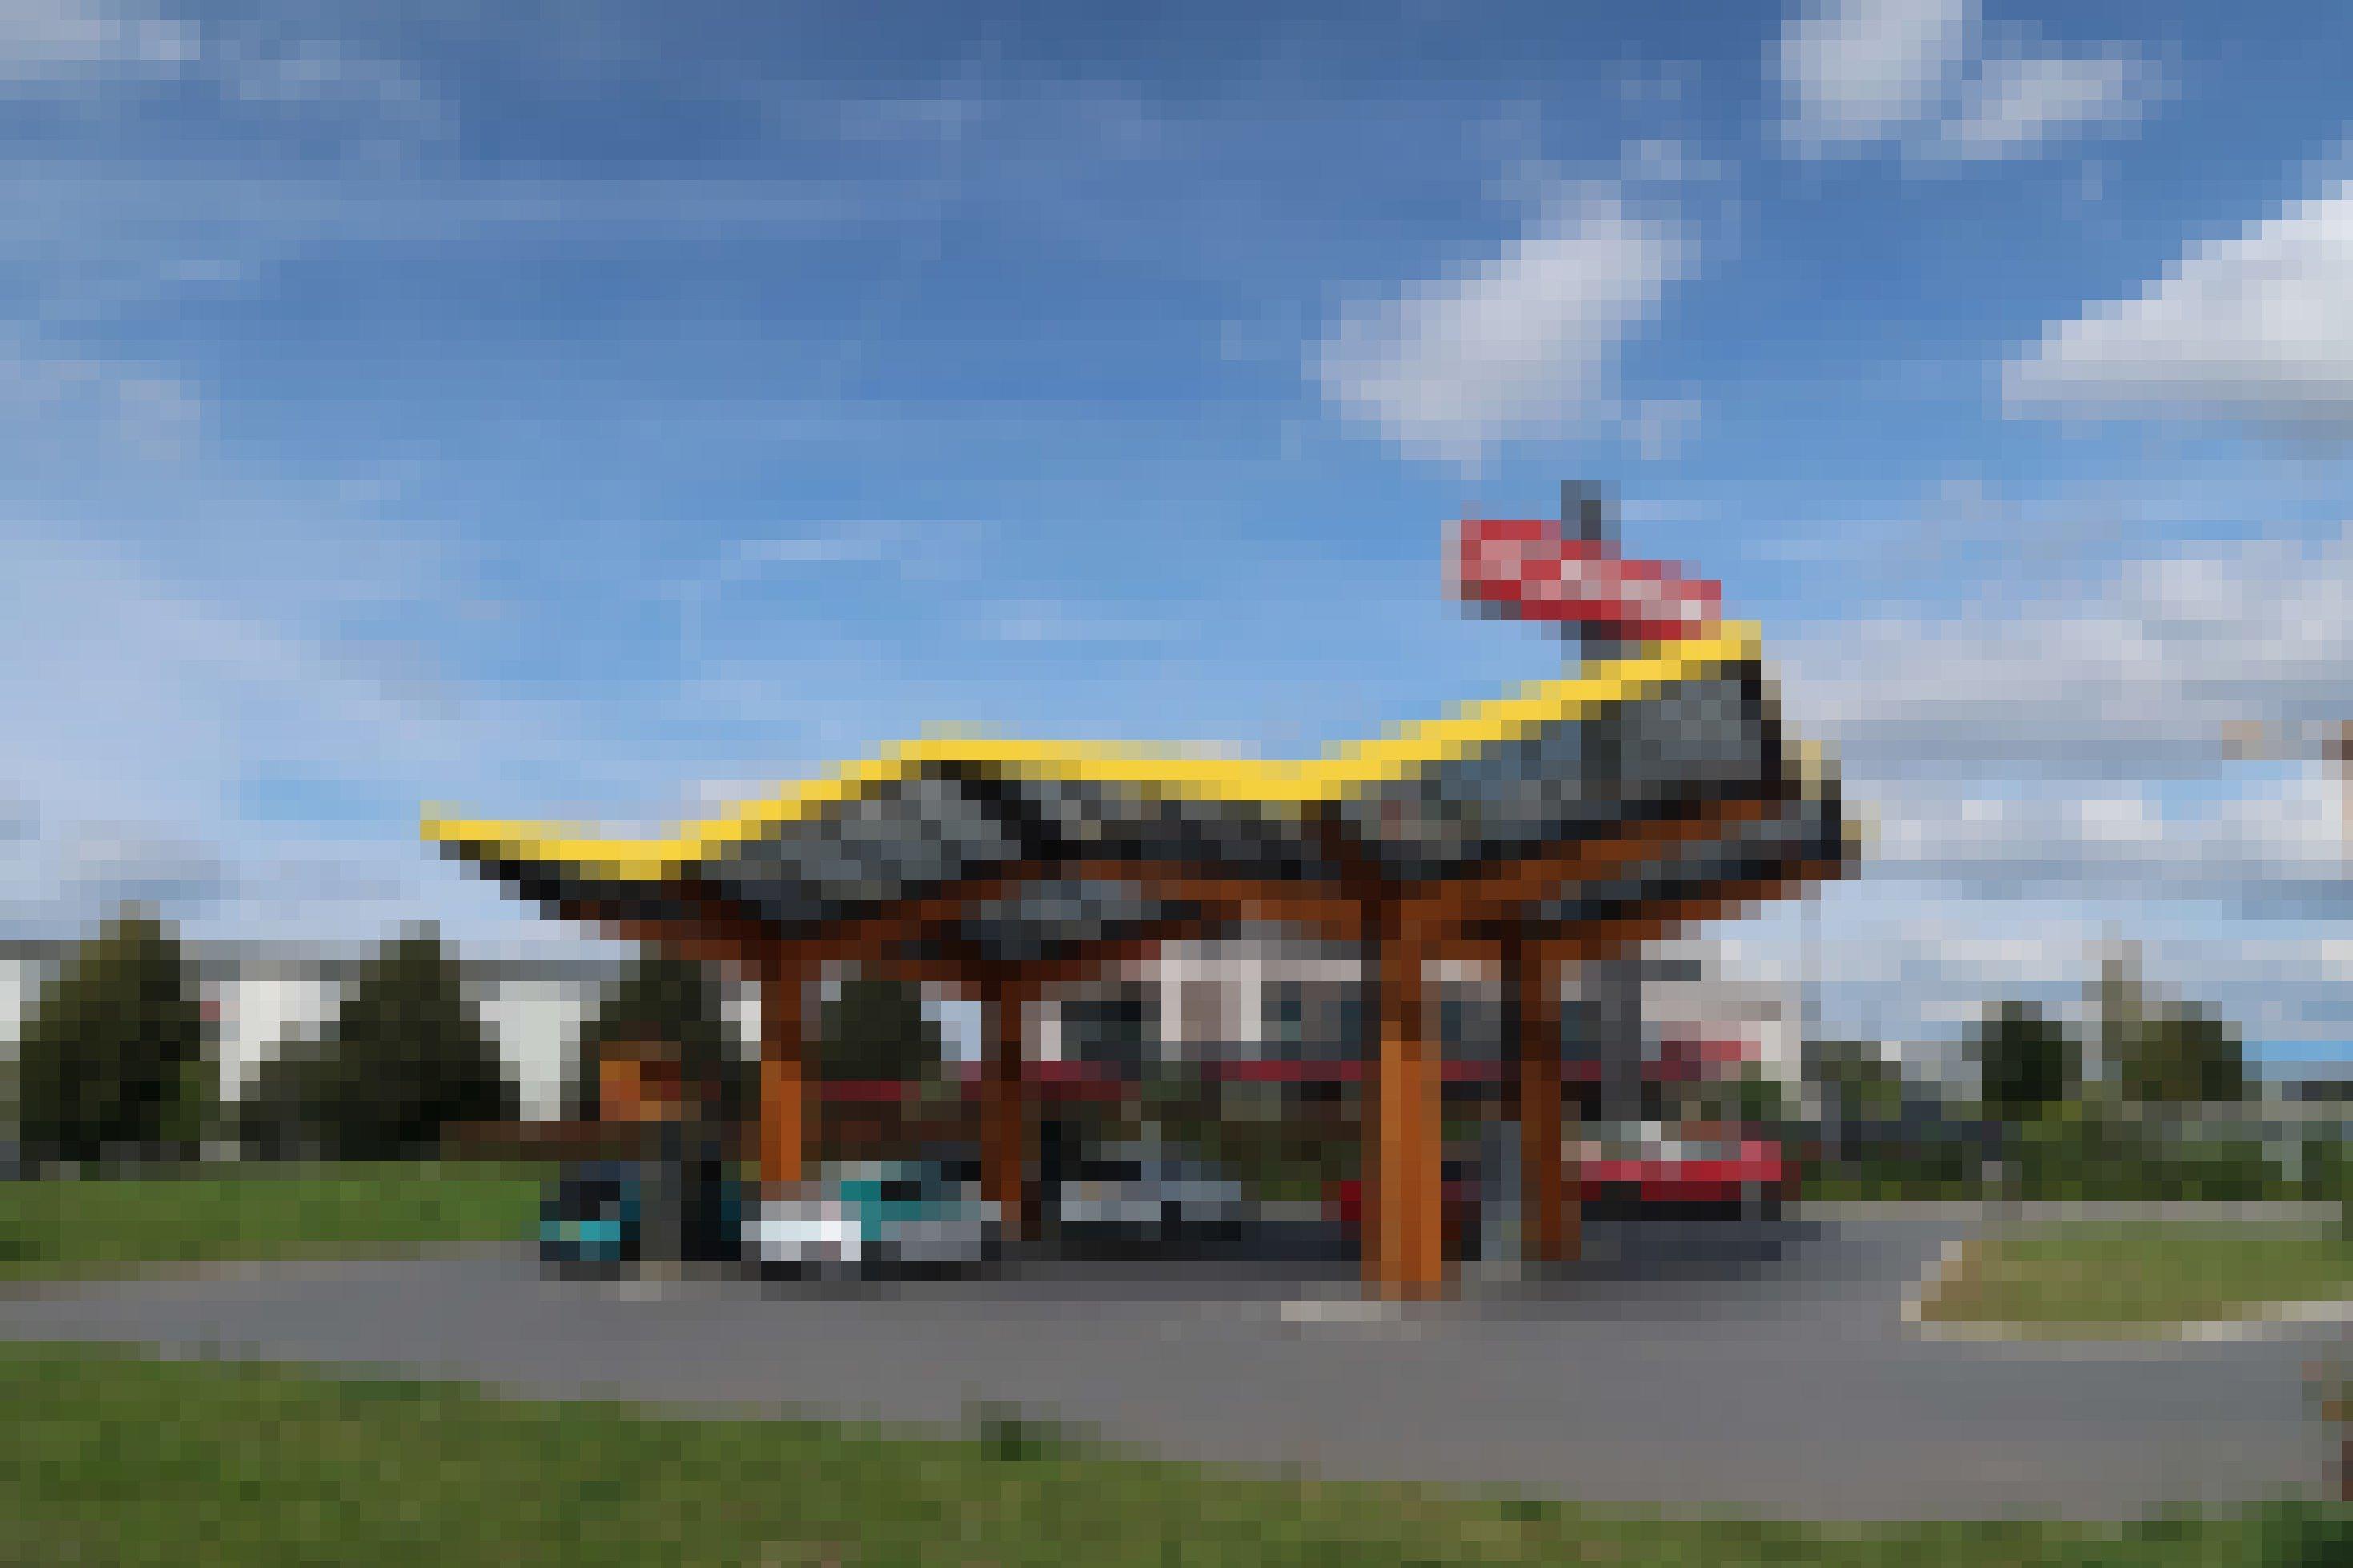 Mehrere Elektroautos laden Strom unter einem Dach, das mit Solarpanels besetzt ist